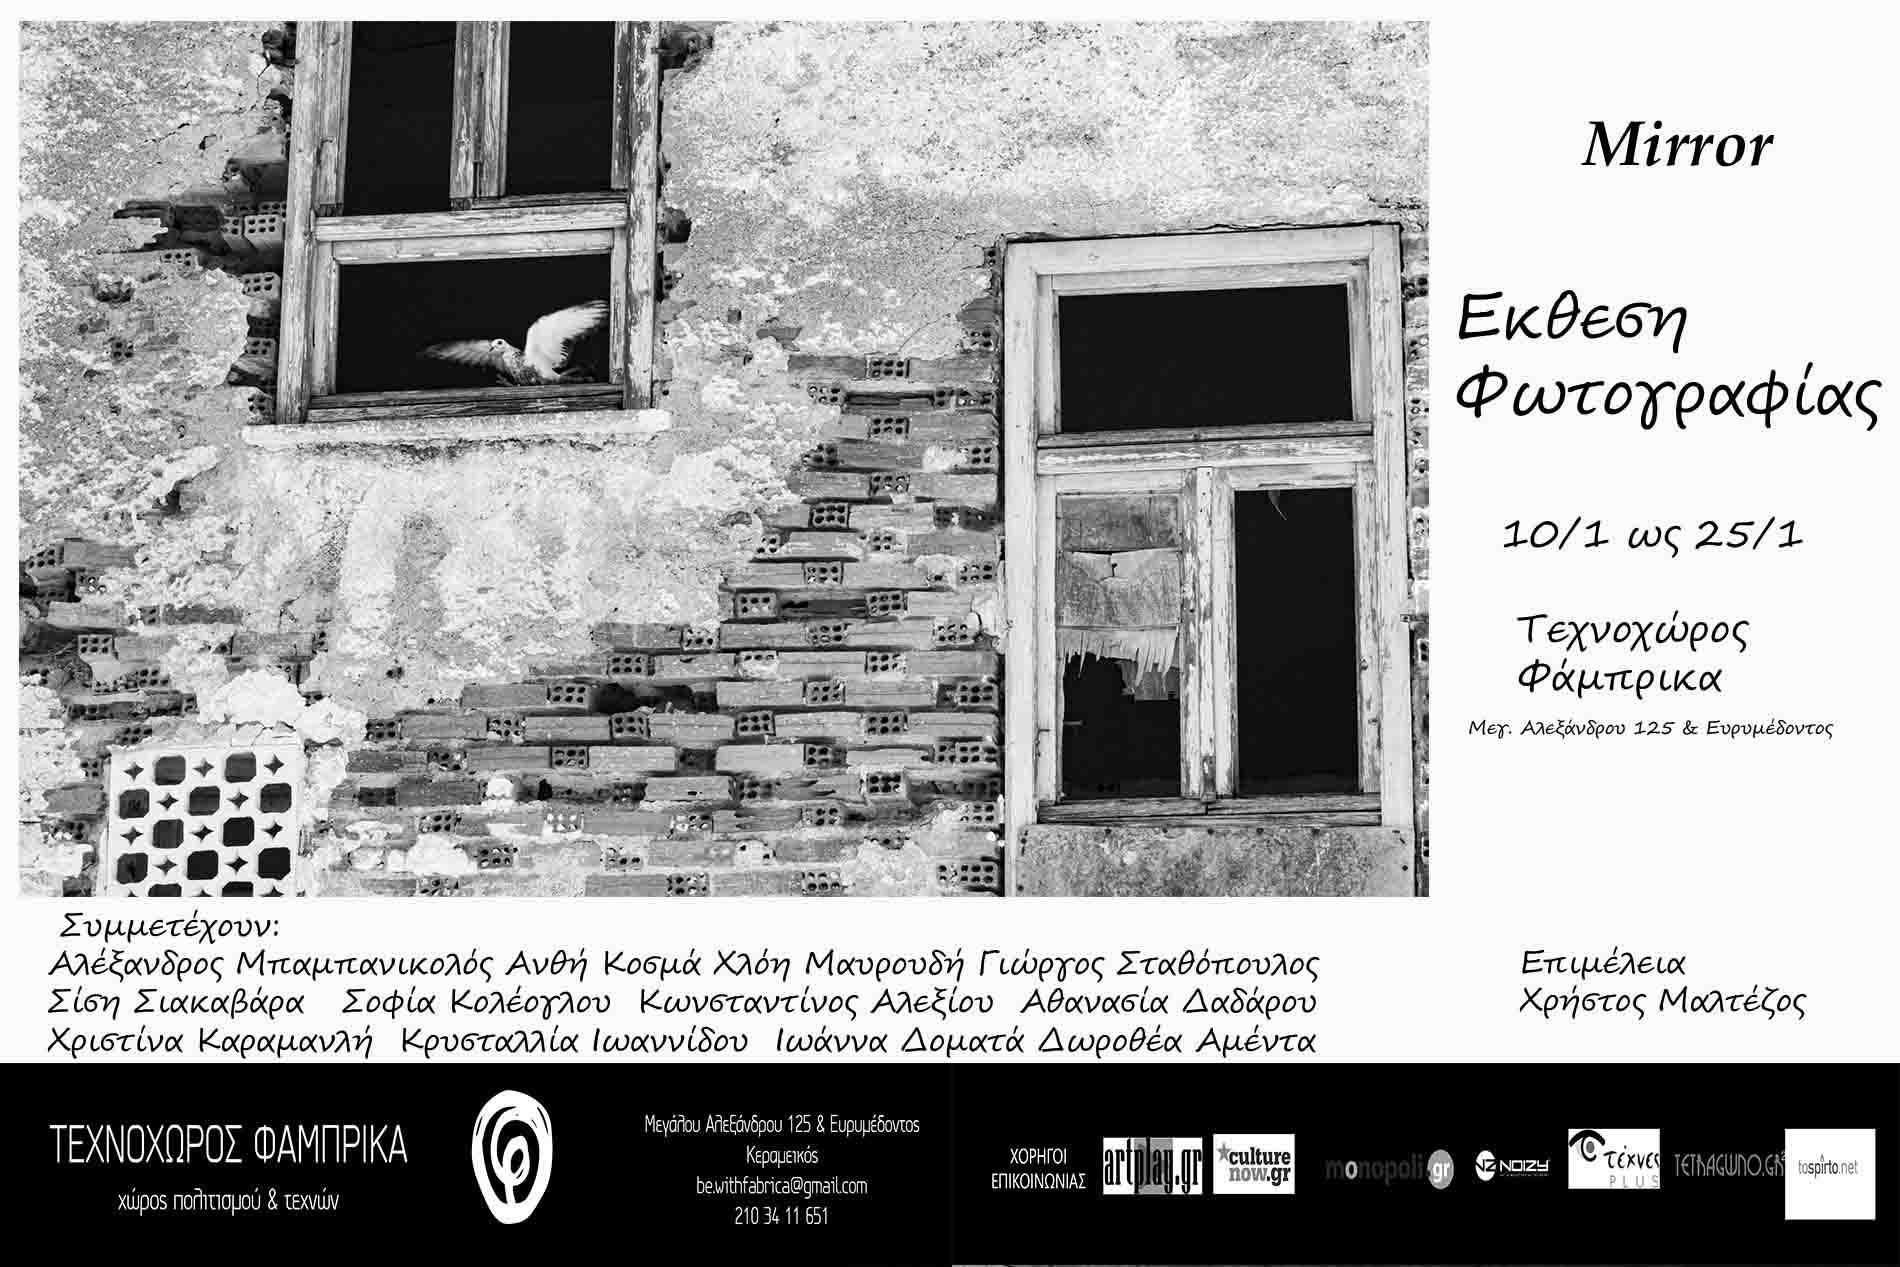 σεμινάριο δημιουργικής φωτογραφίας, τεχνοχώρος φάμπρικα, χρήστος μαλτέζος, αθήνα, χώρος τέχνης και πολιτισμού, fabrica athens, fabrica artspace, photography, seminars (2)